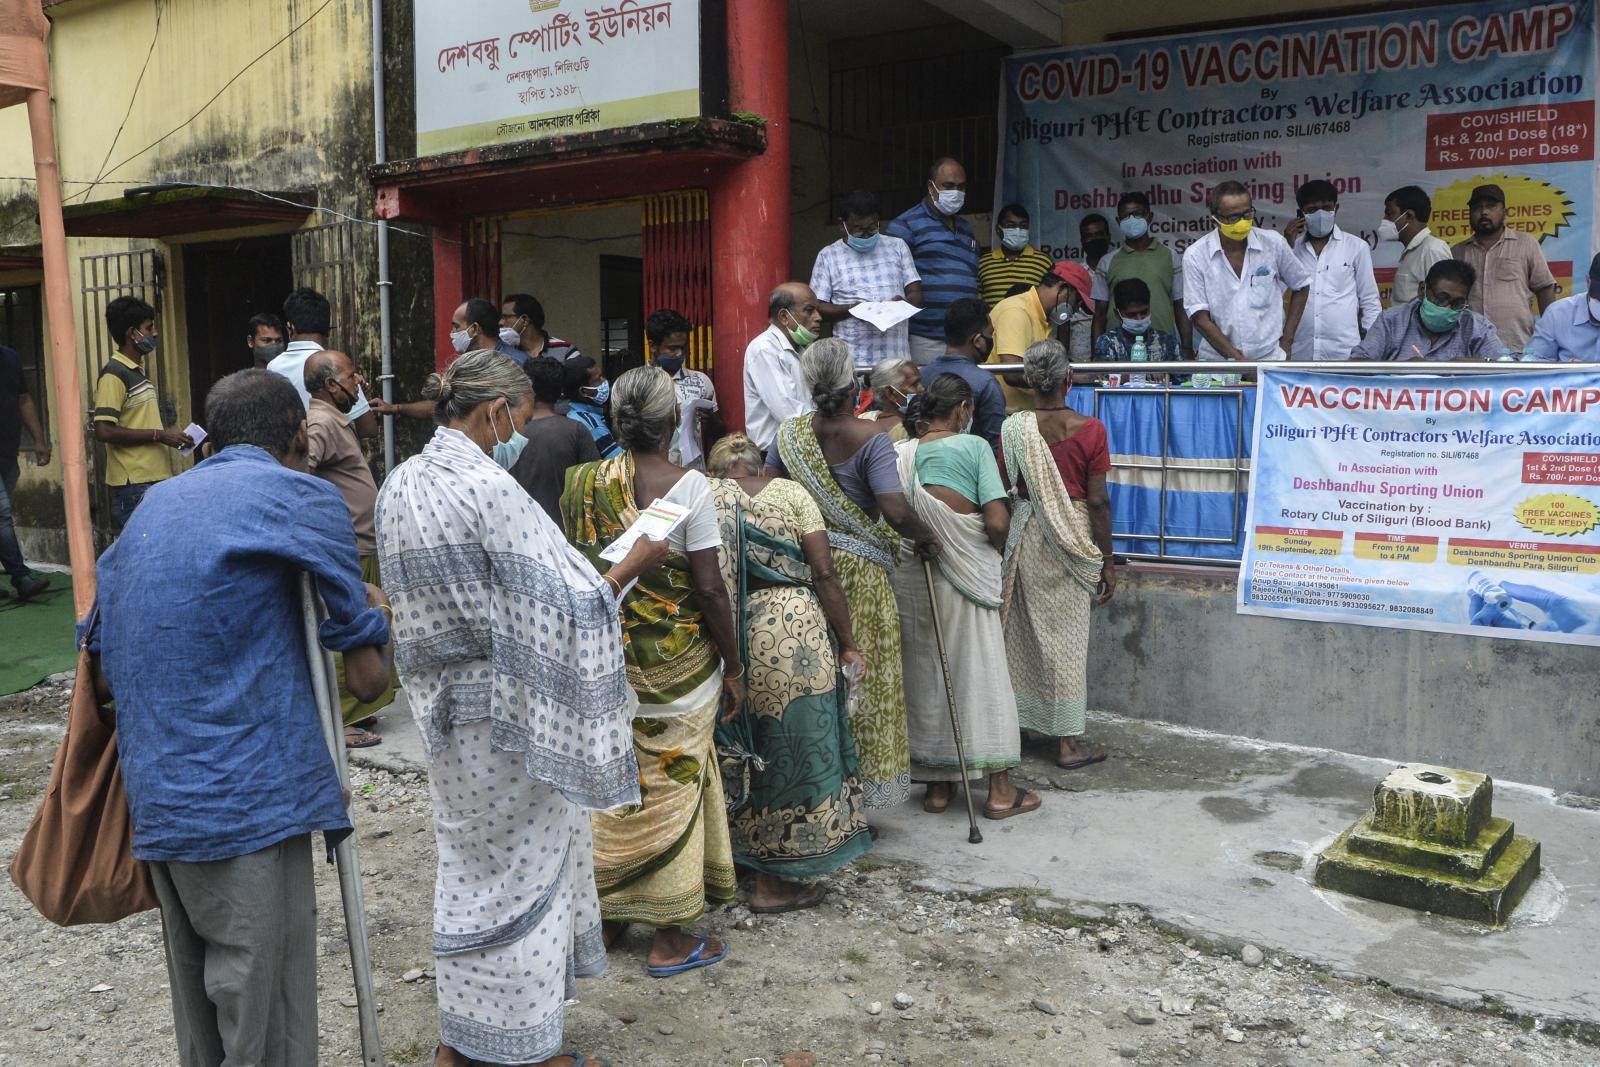 อินเดียประกาศกลับมาส่งออกวัคซีนโควิด-19 เริ่มเดือน ต.ค. นี้